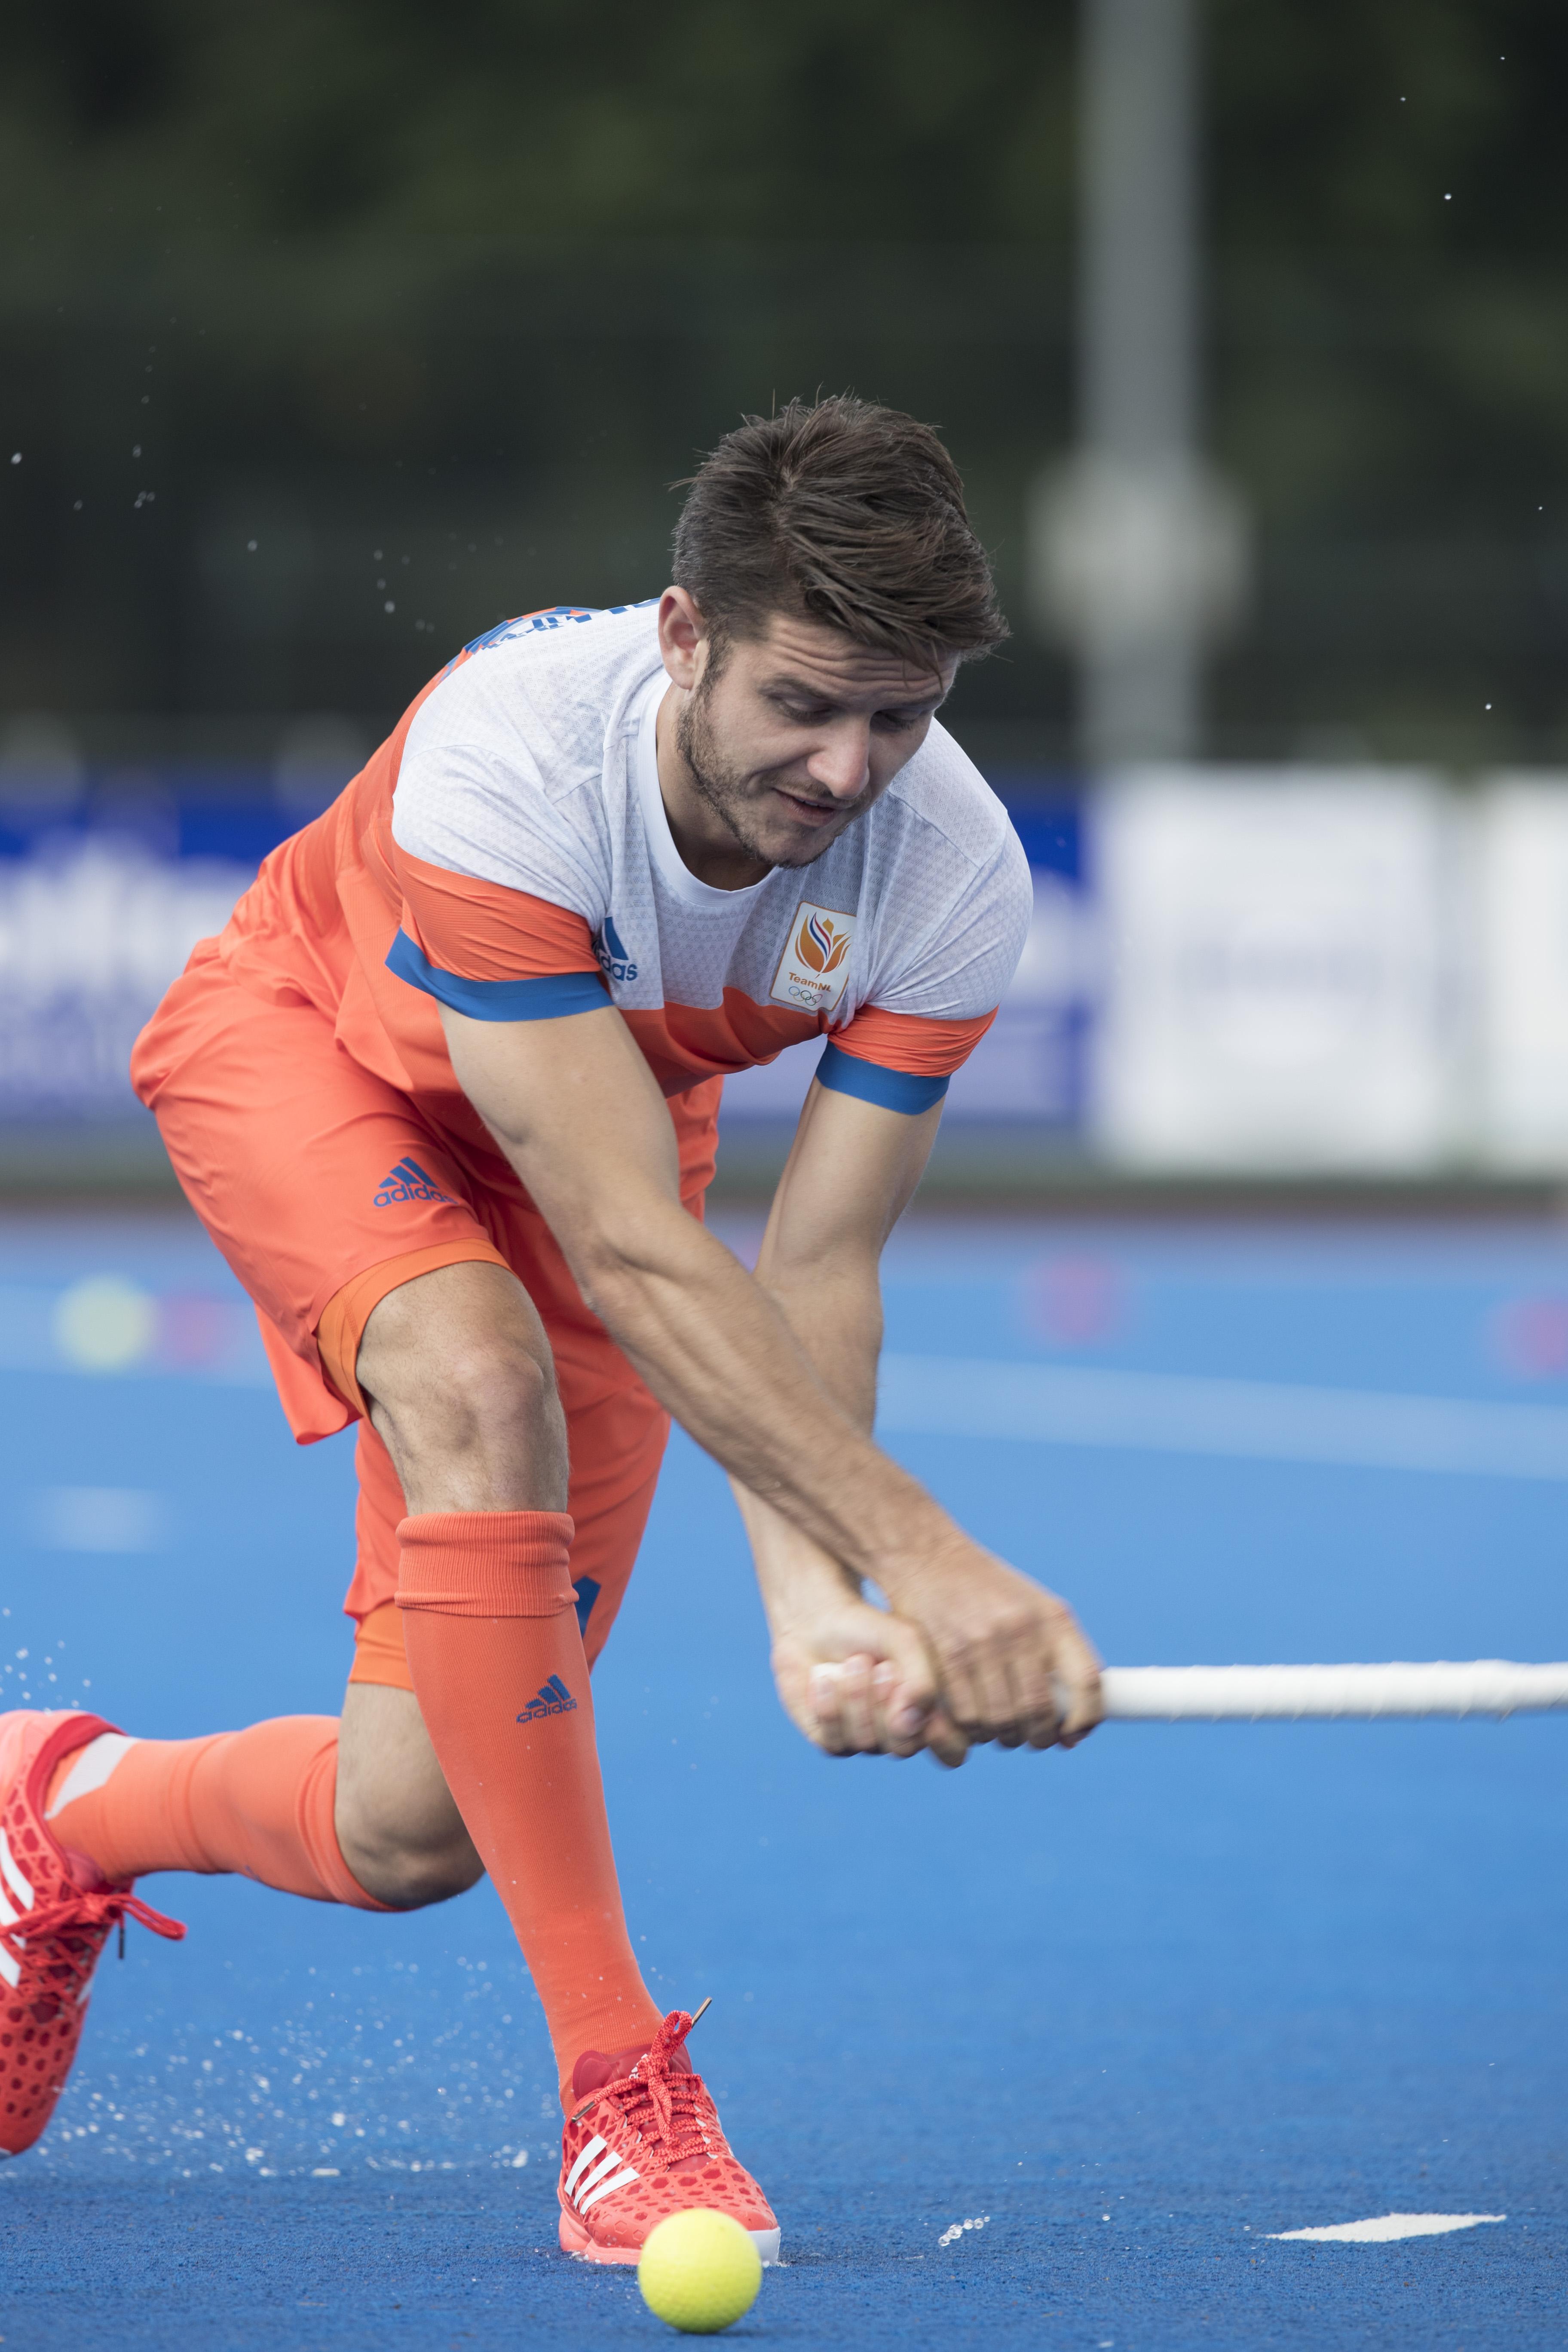 ARNHEM - Primeur. ROBBERT KEMPERMAN. Het Nederlands Mannen hockeyteam traint in Arnhem in het Olympische Adidas tenue, dat tijdens de Olympische Spelen zal worden gedragen. COPYRIGHT KOEN SUYK